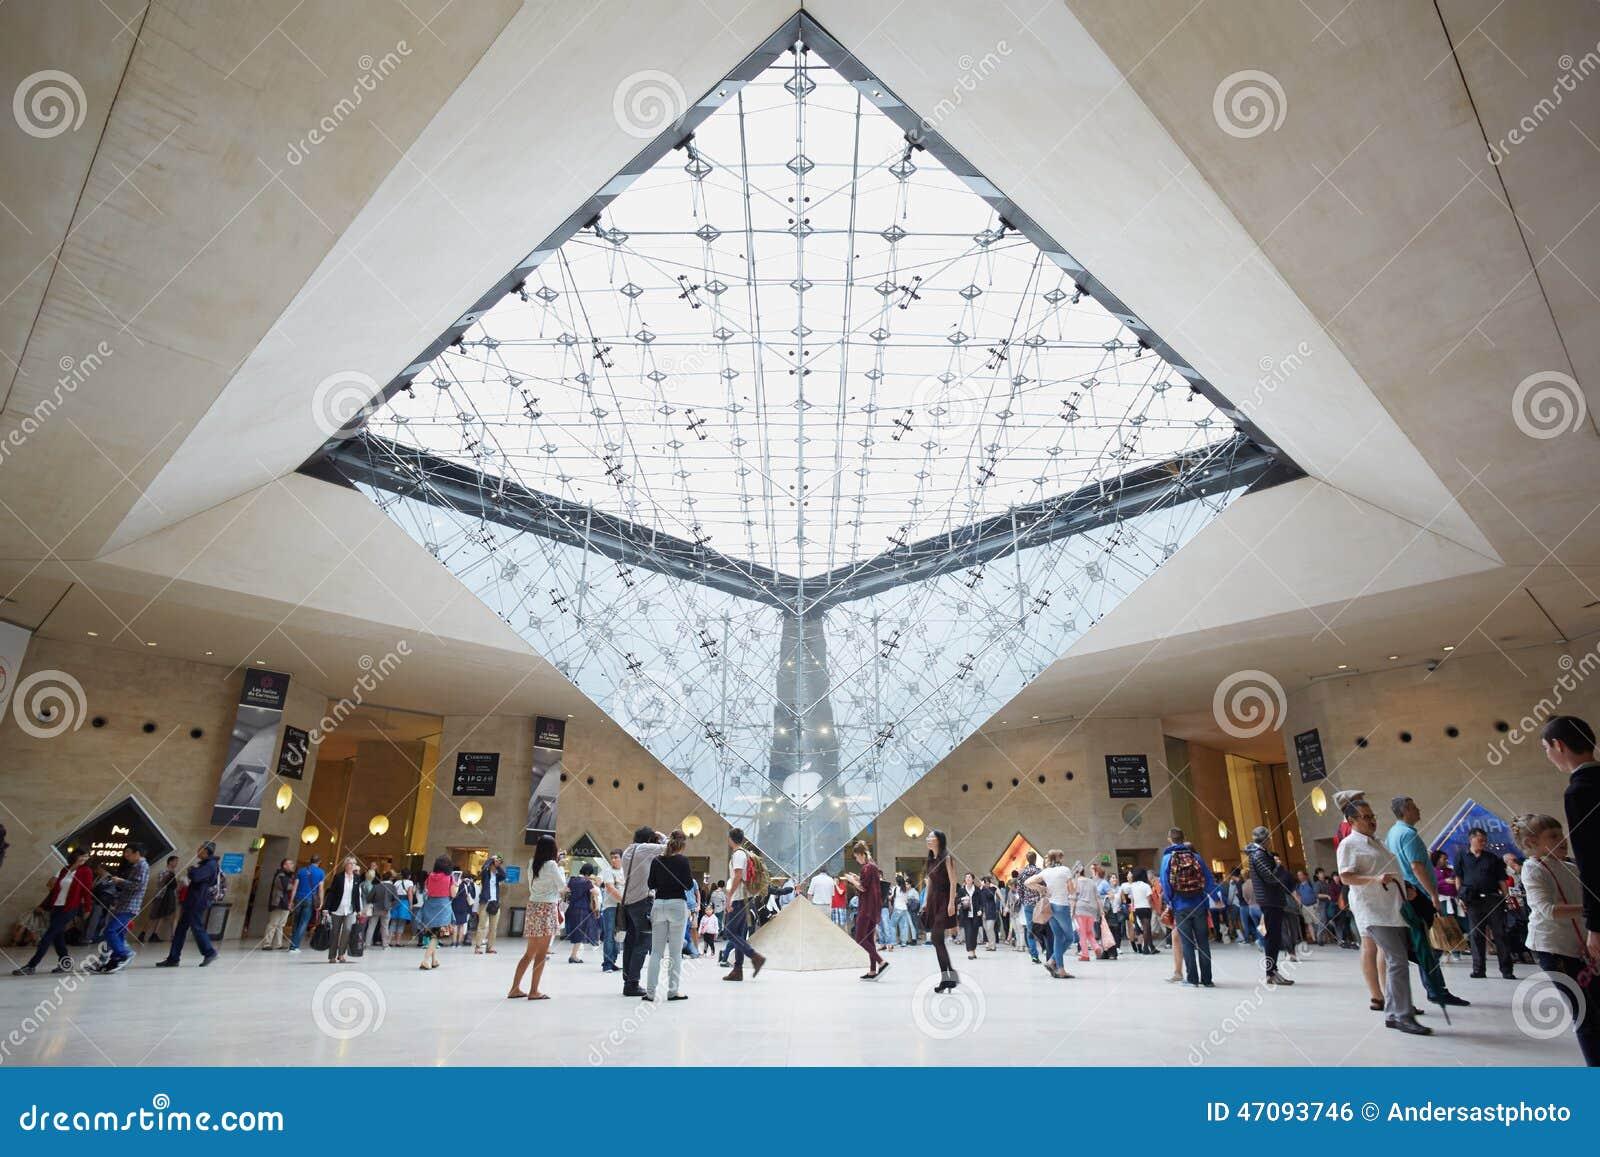 Paris Umgekehrte Pyramide Im Louvreeinkaufszentrum